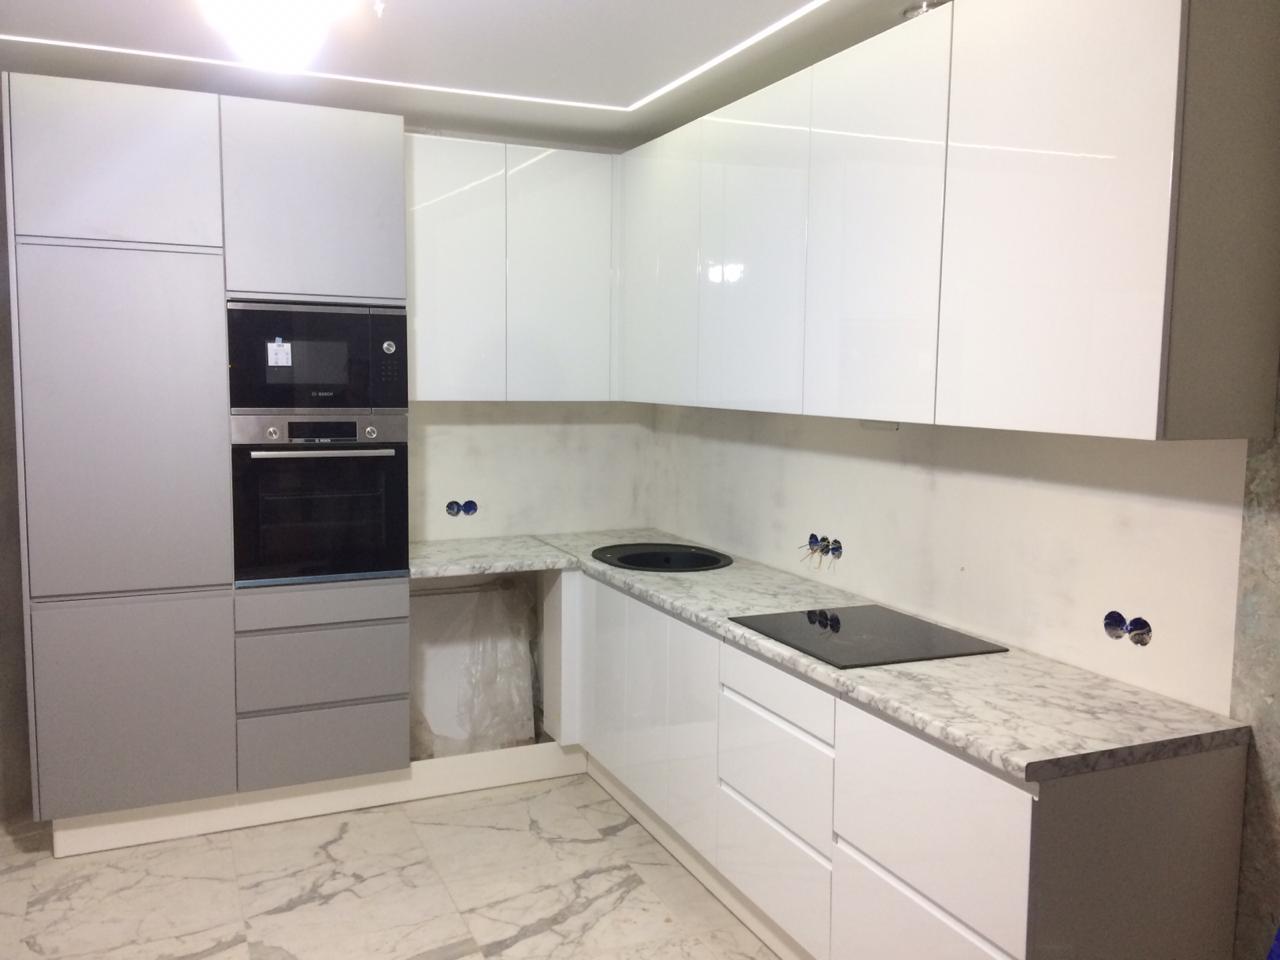 Кухня с фасадами МДФ эмаль с интегрированной ручкой. Комбинация фасадов белый глянец и серый металлик.